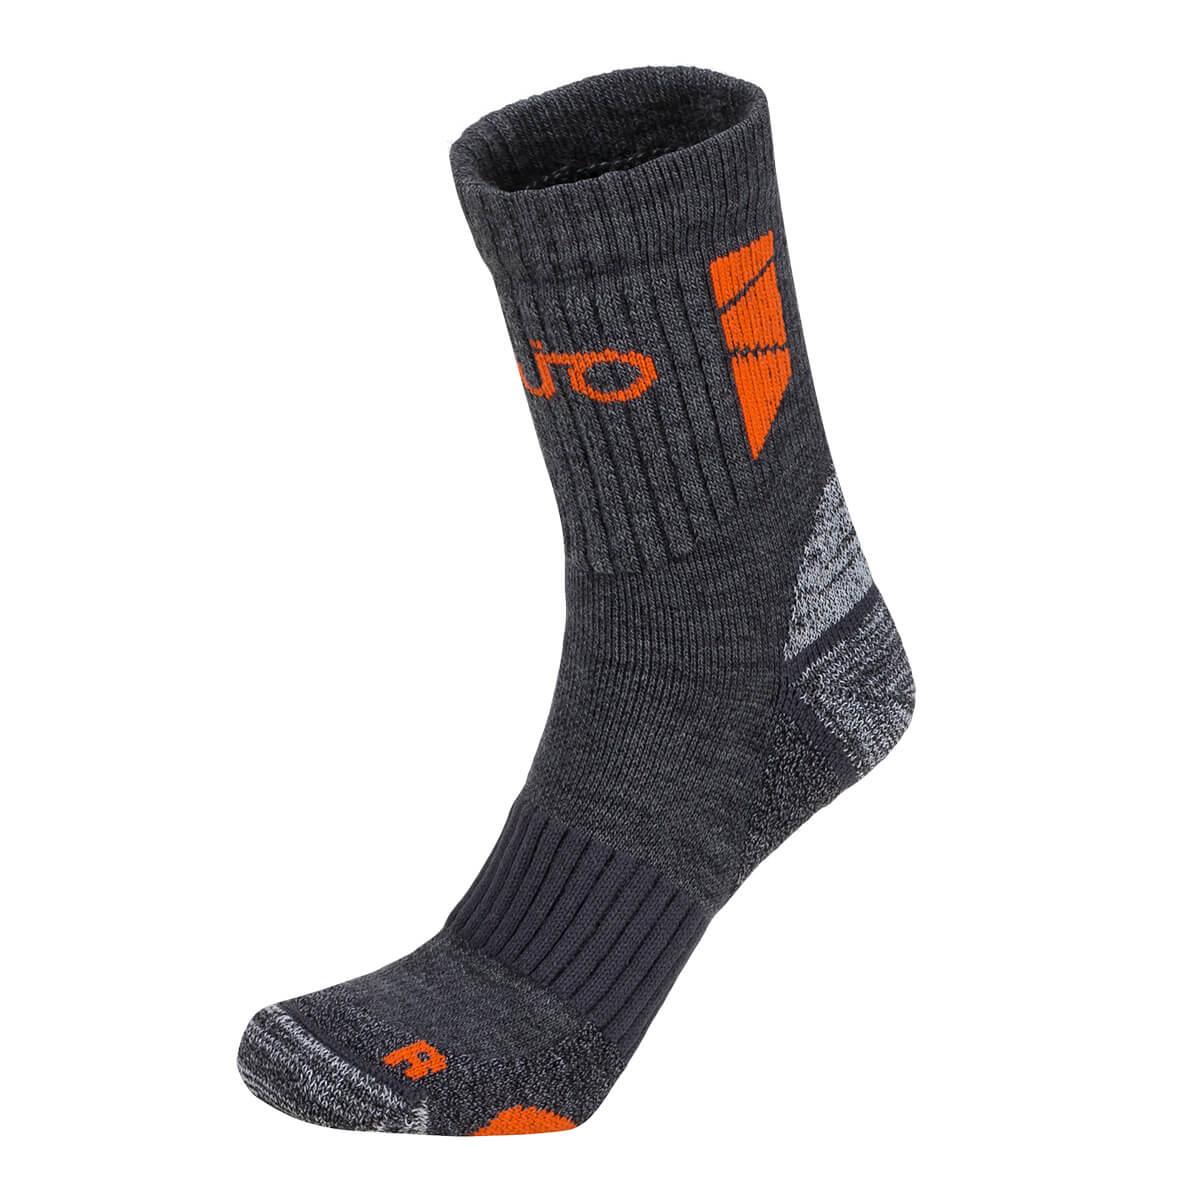 ZAJO Ponožky Heavy Outdoor Socks Neo - veľkosť S